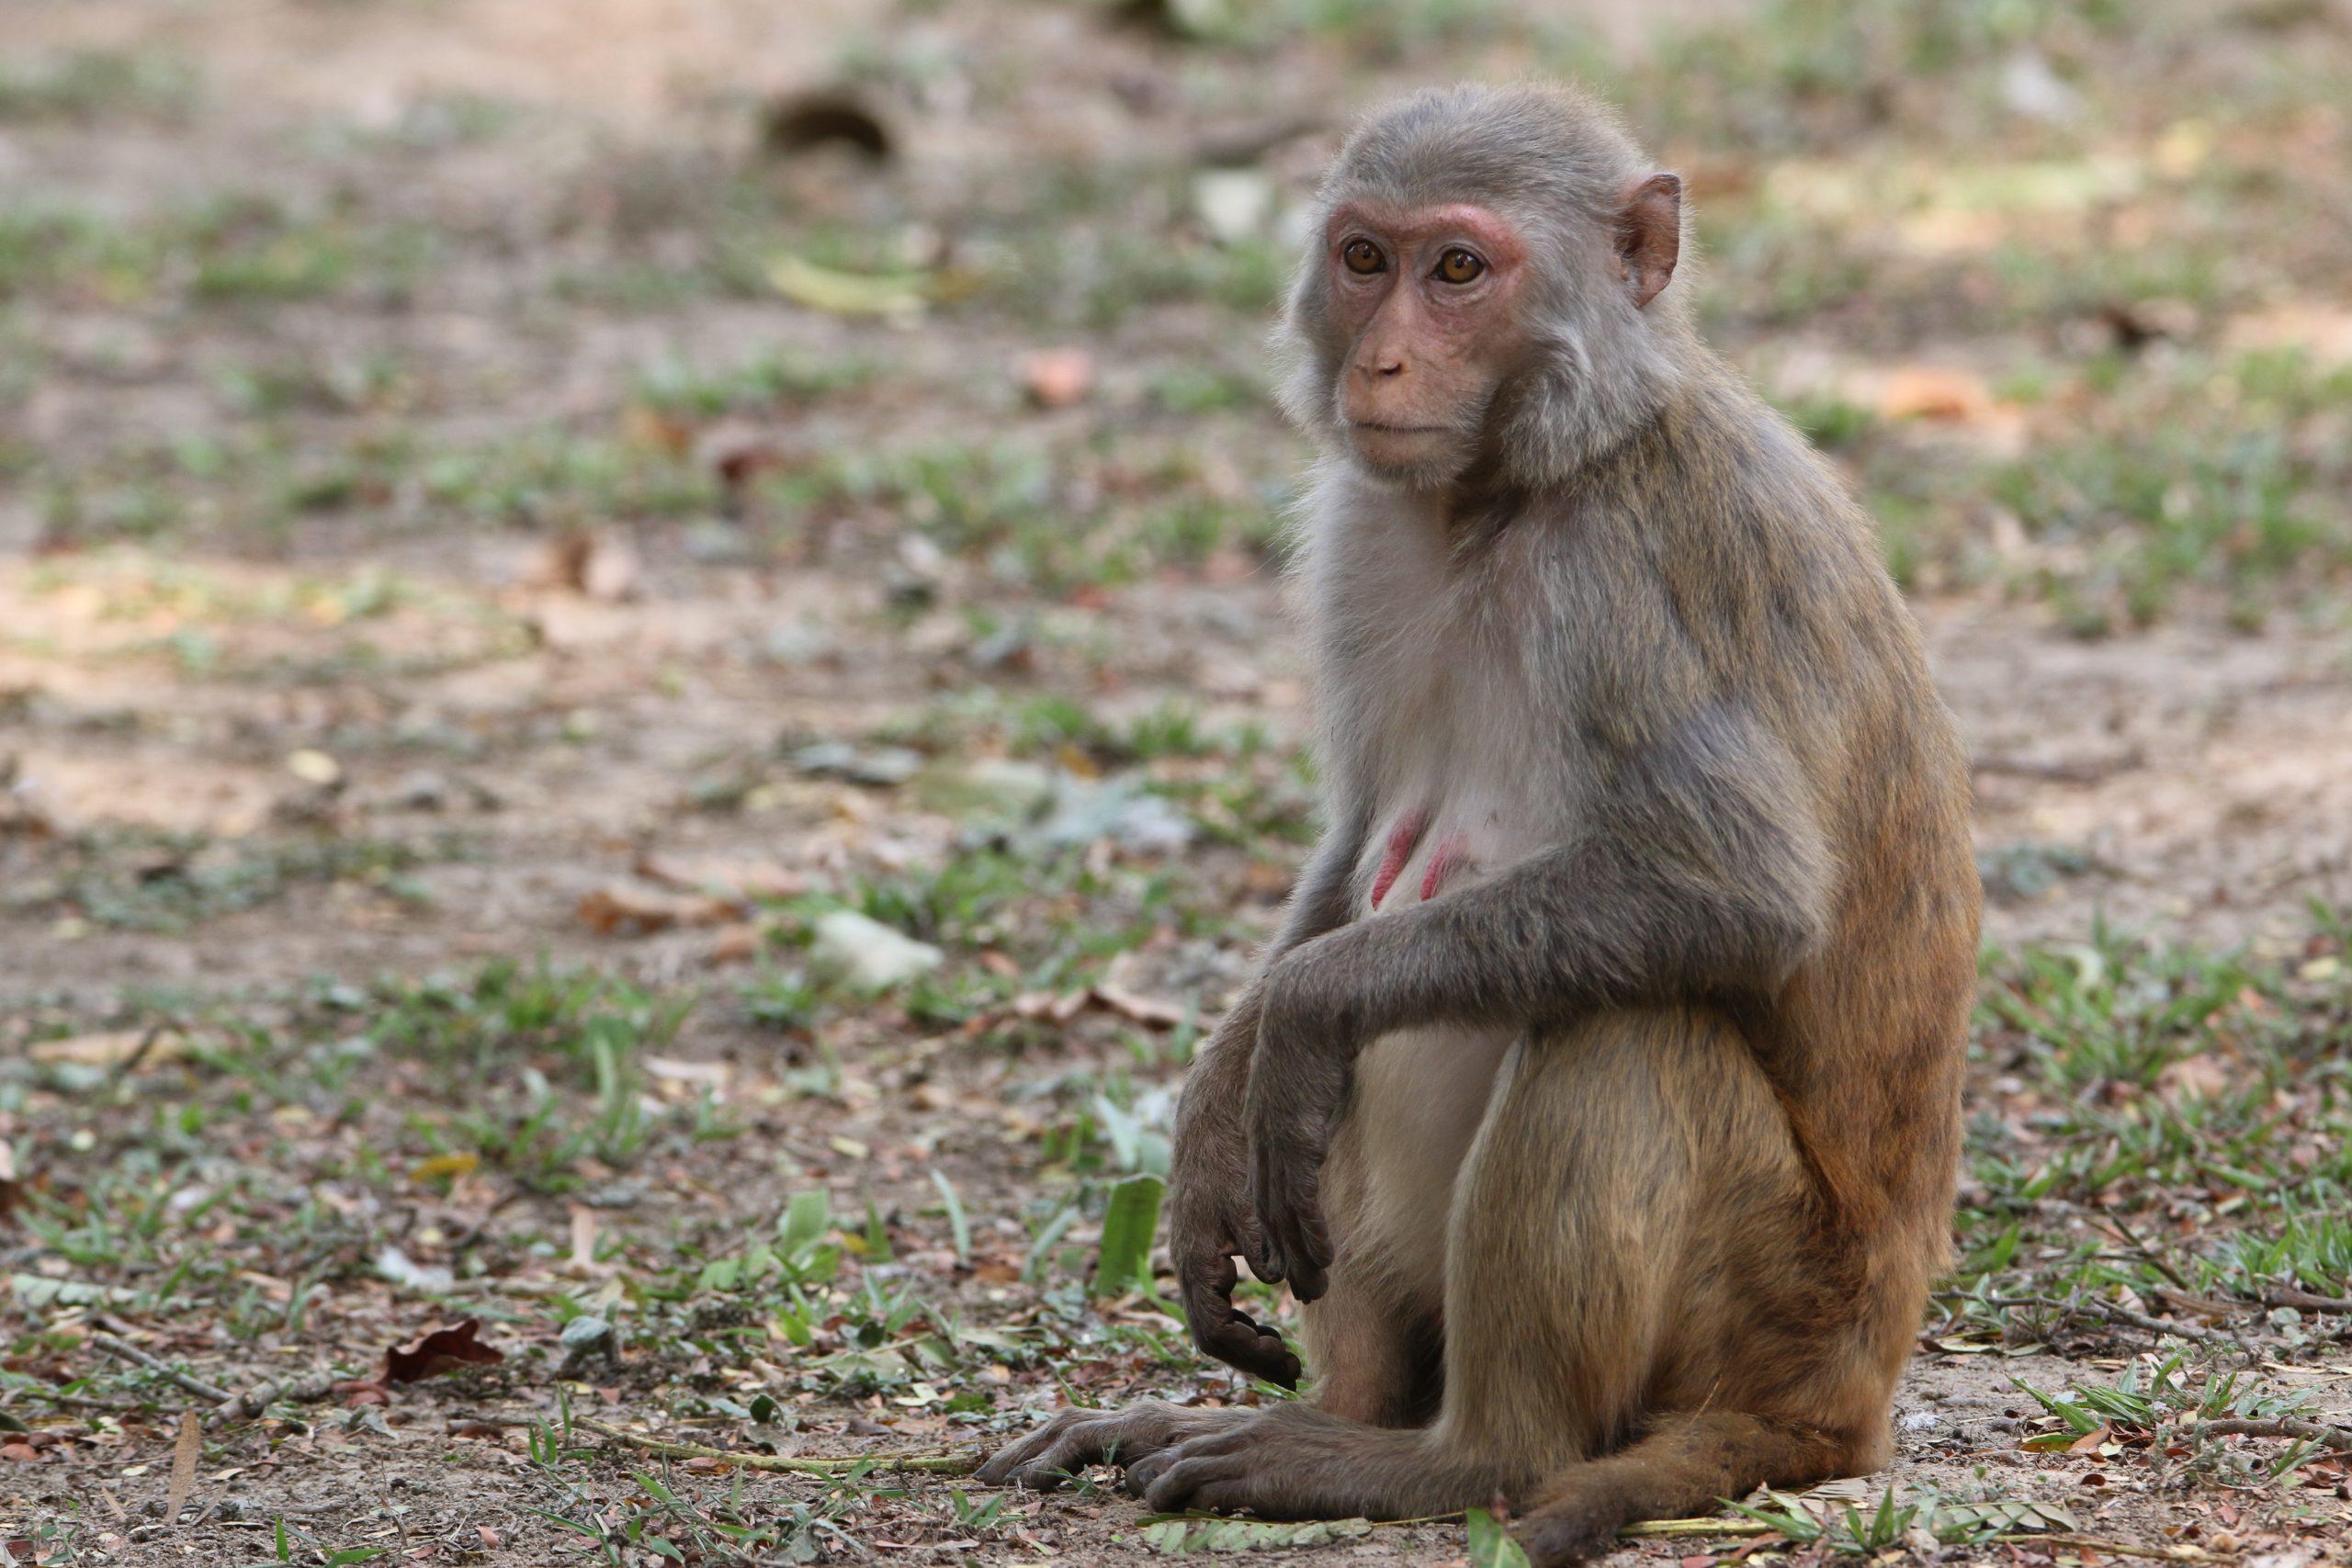 A monkey in a jungle